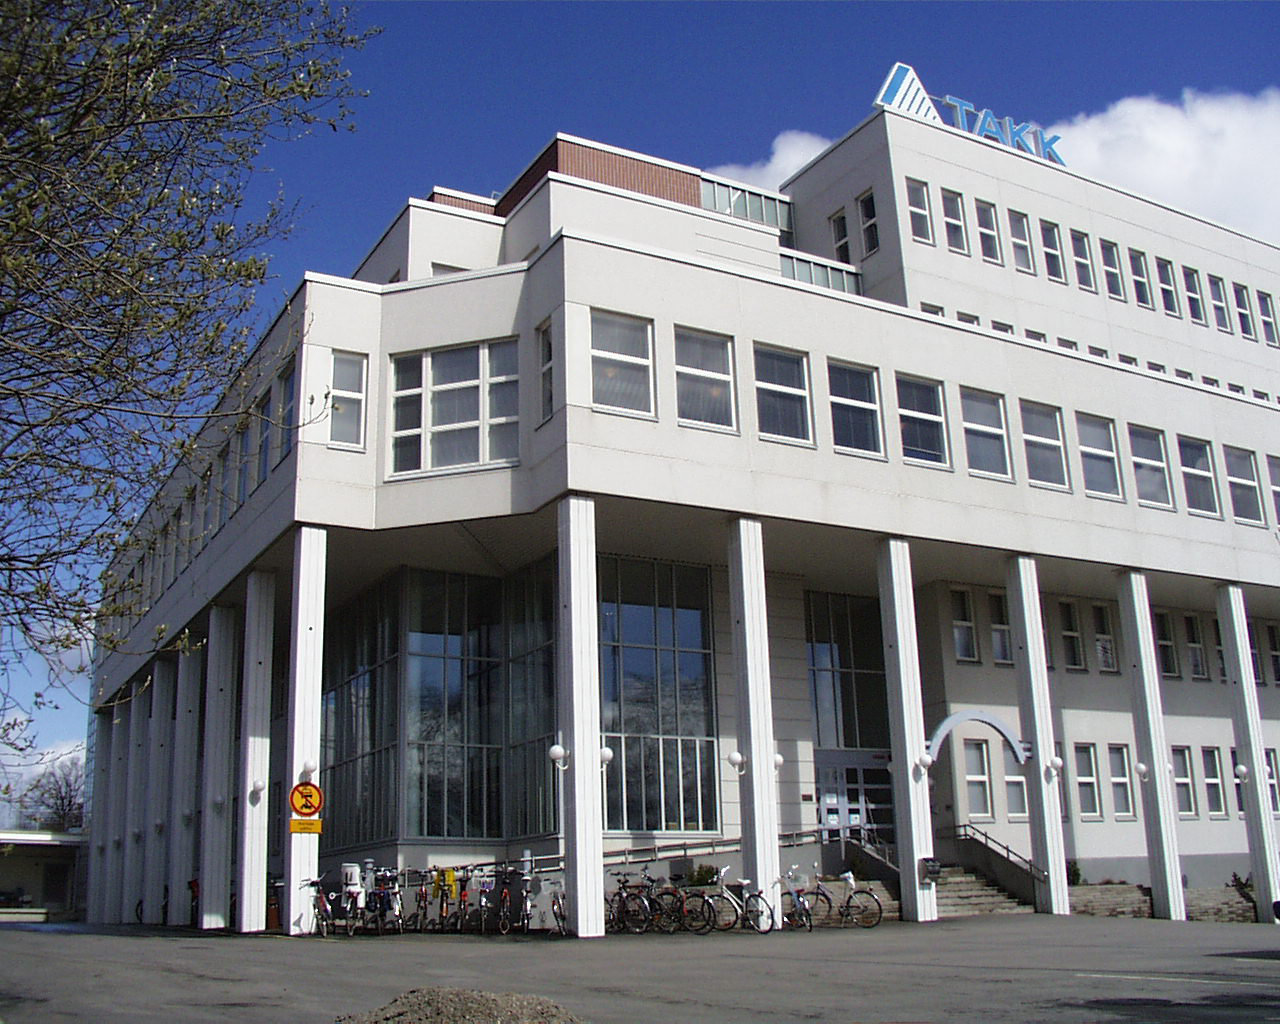 Tampereen Aikuiskoulutuskeskus TAKK, Tampere